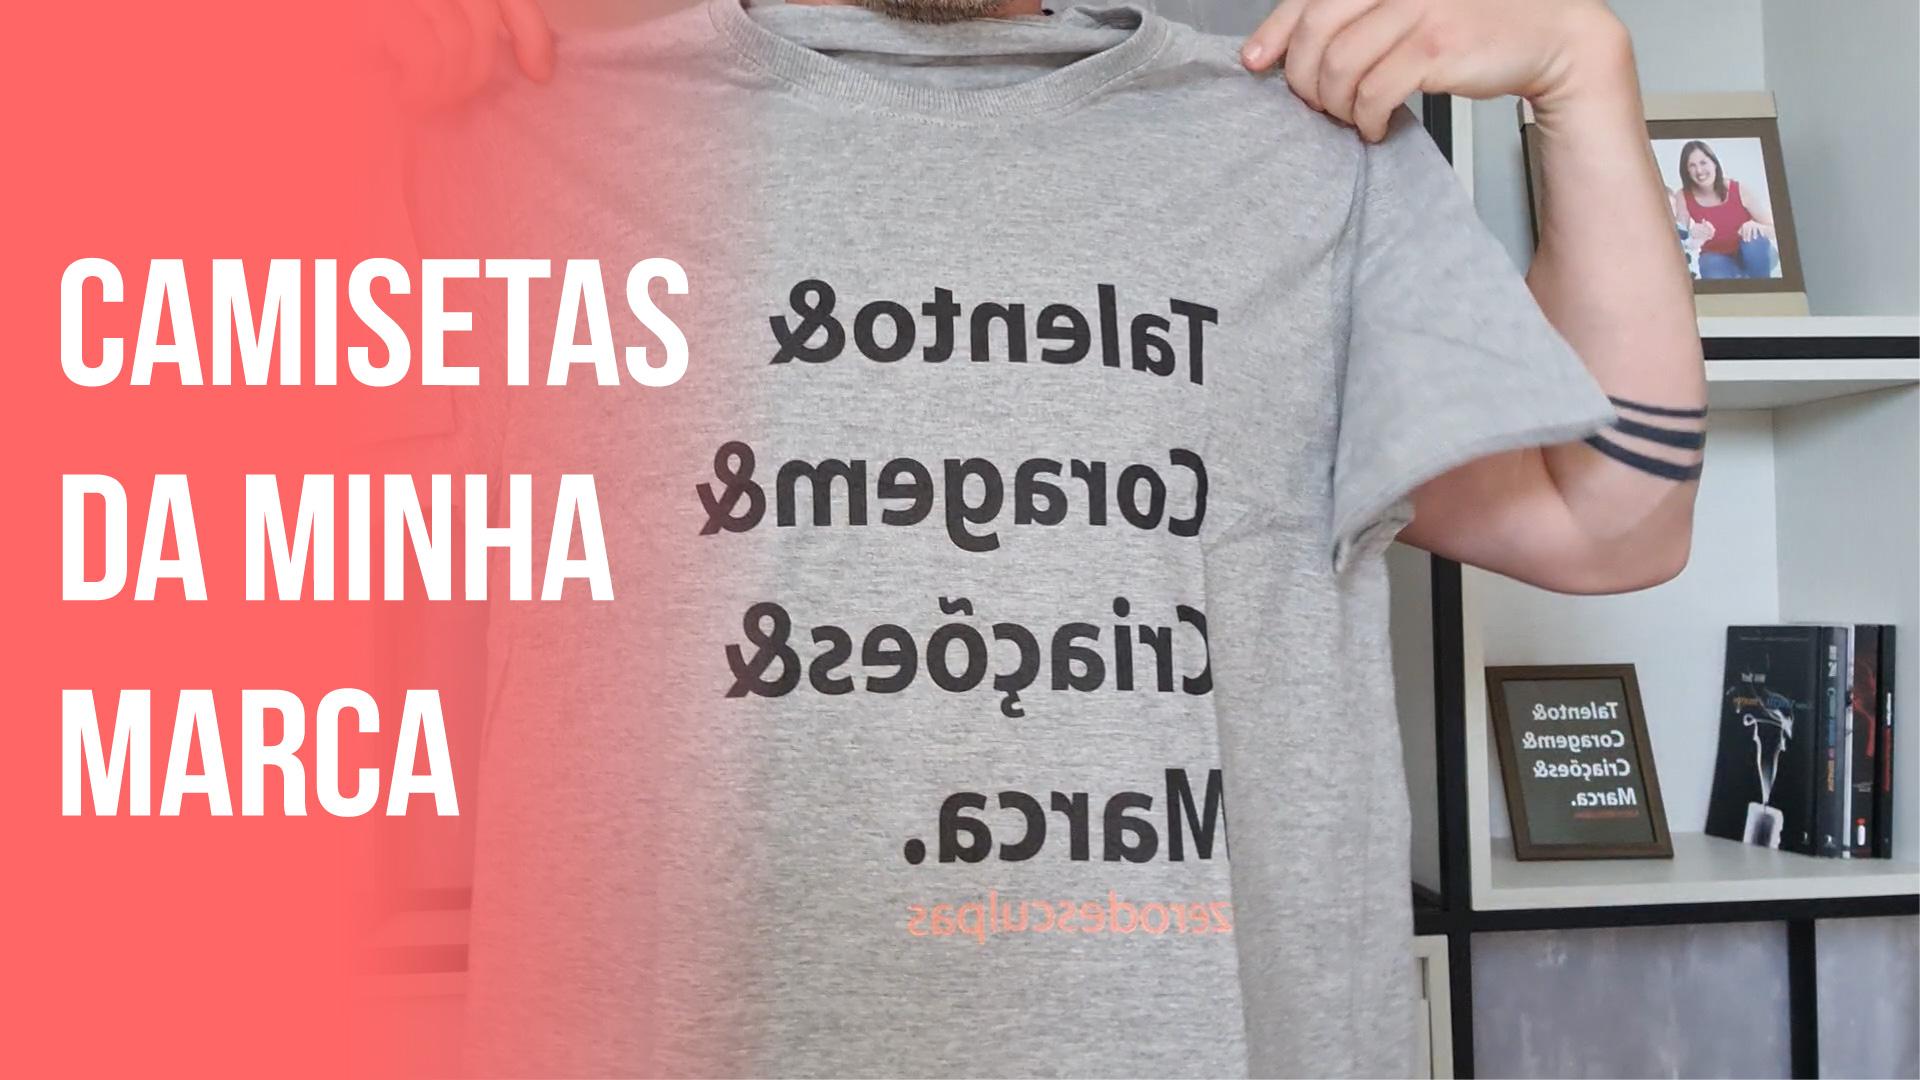 Novas camisetas da minha marca chegaram